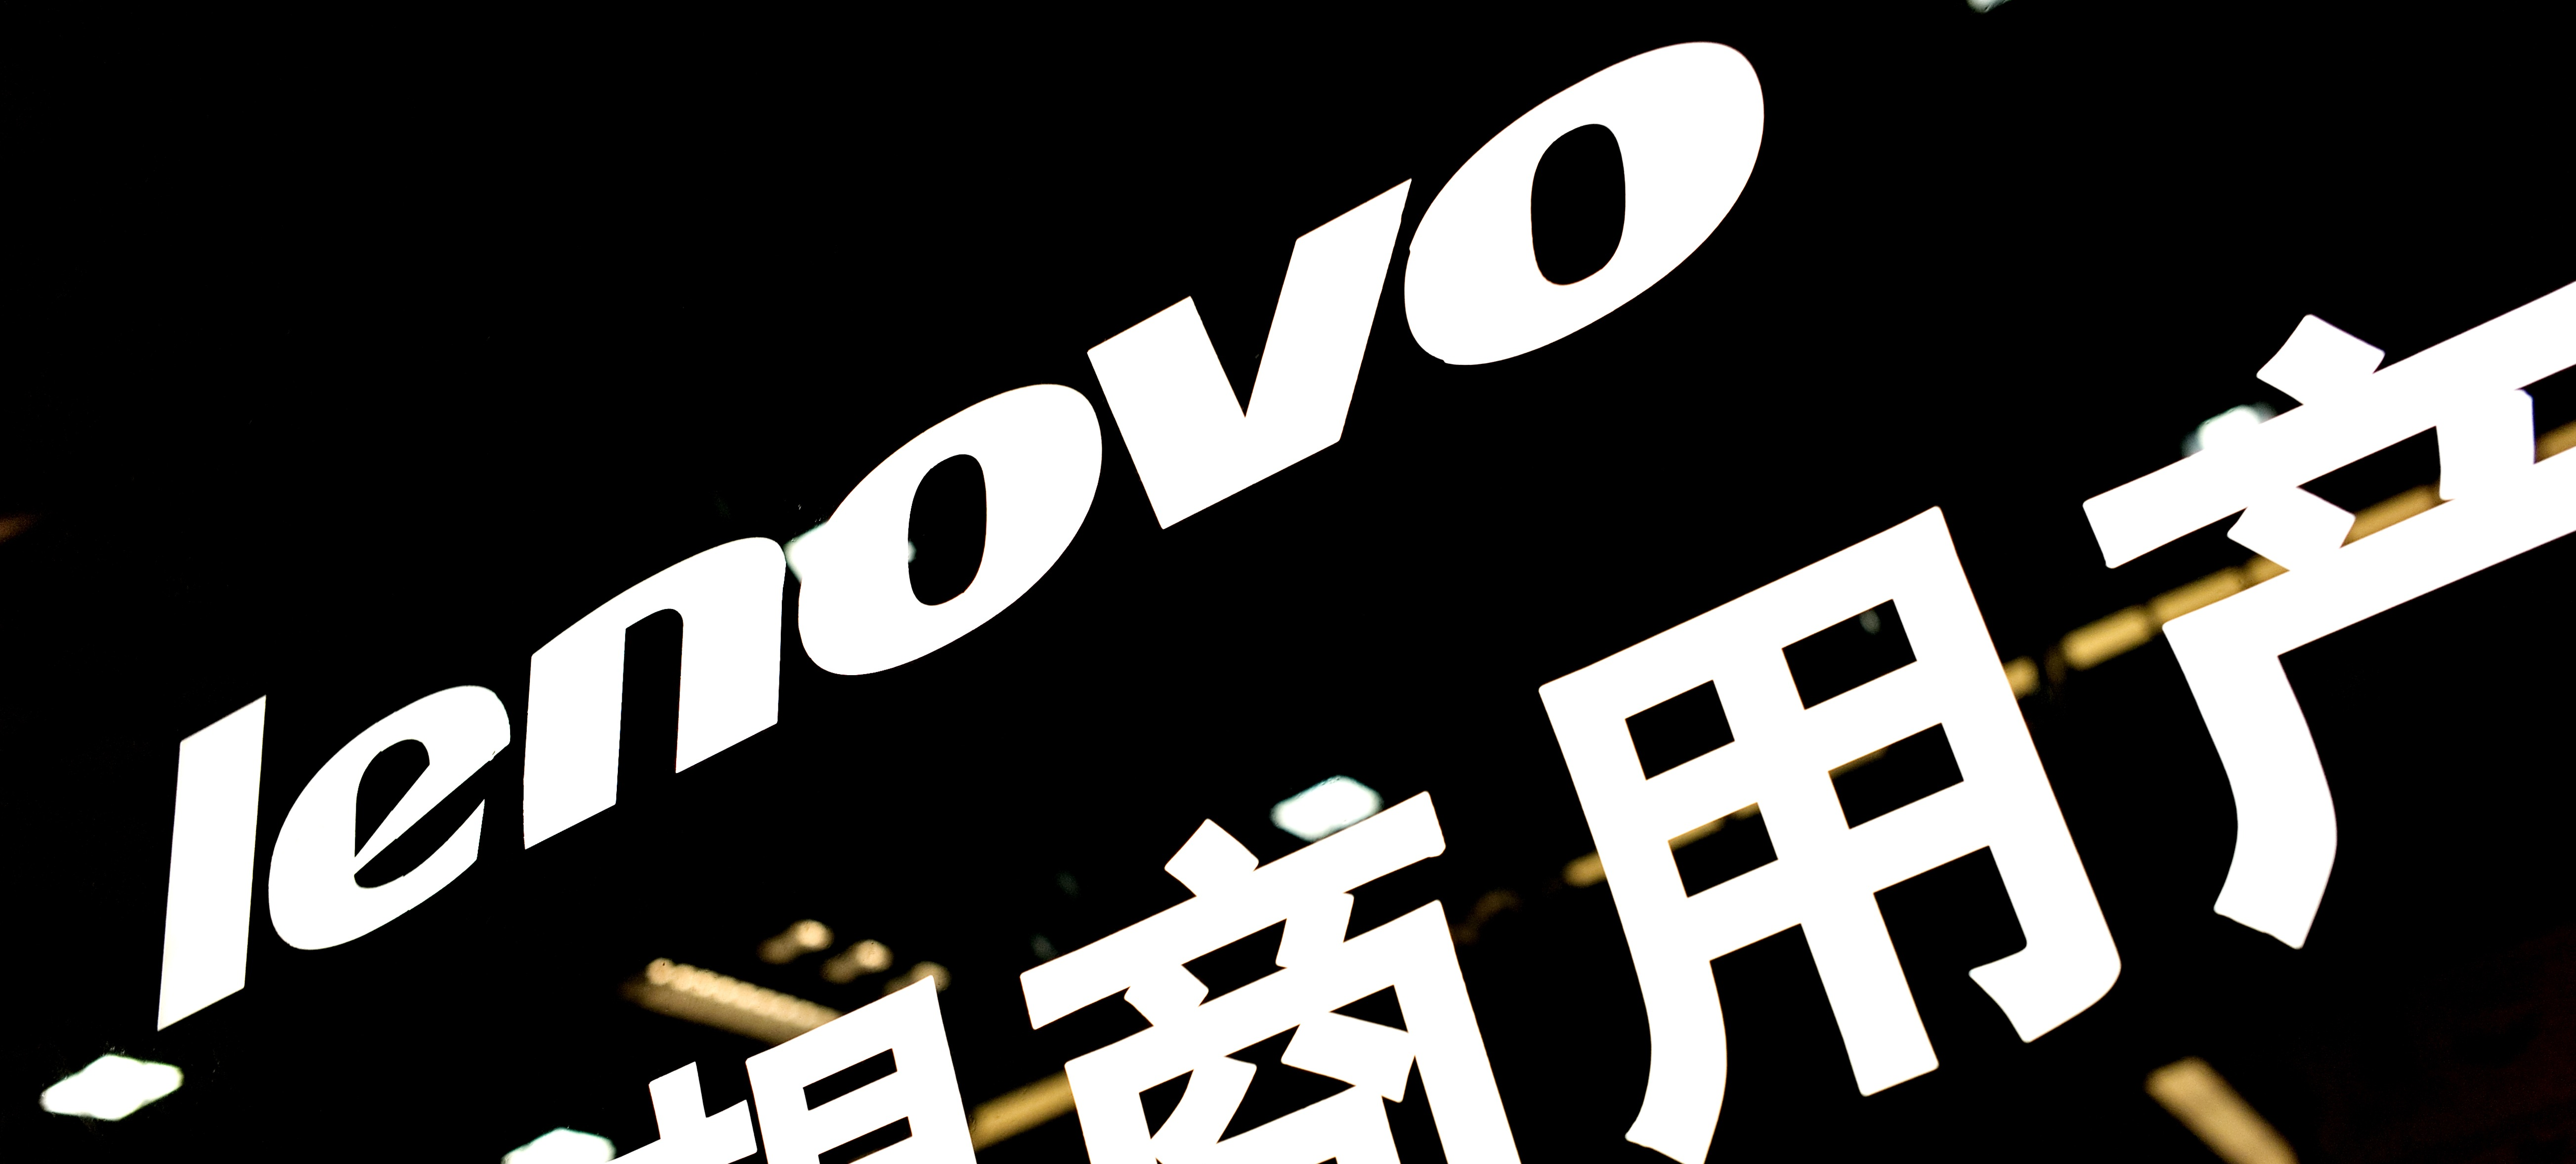 Spy Agencies Found Back-Door Vulnerabilities in Lenovo PCs